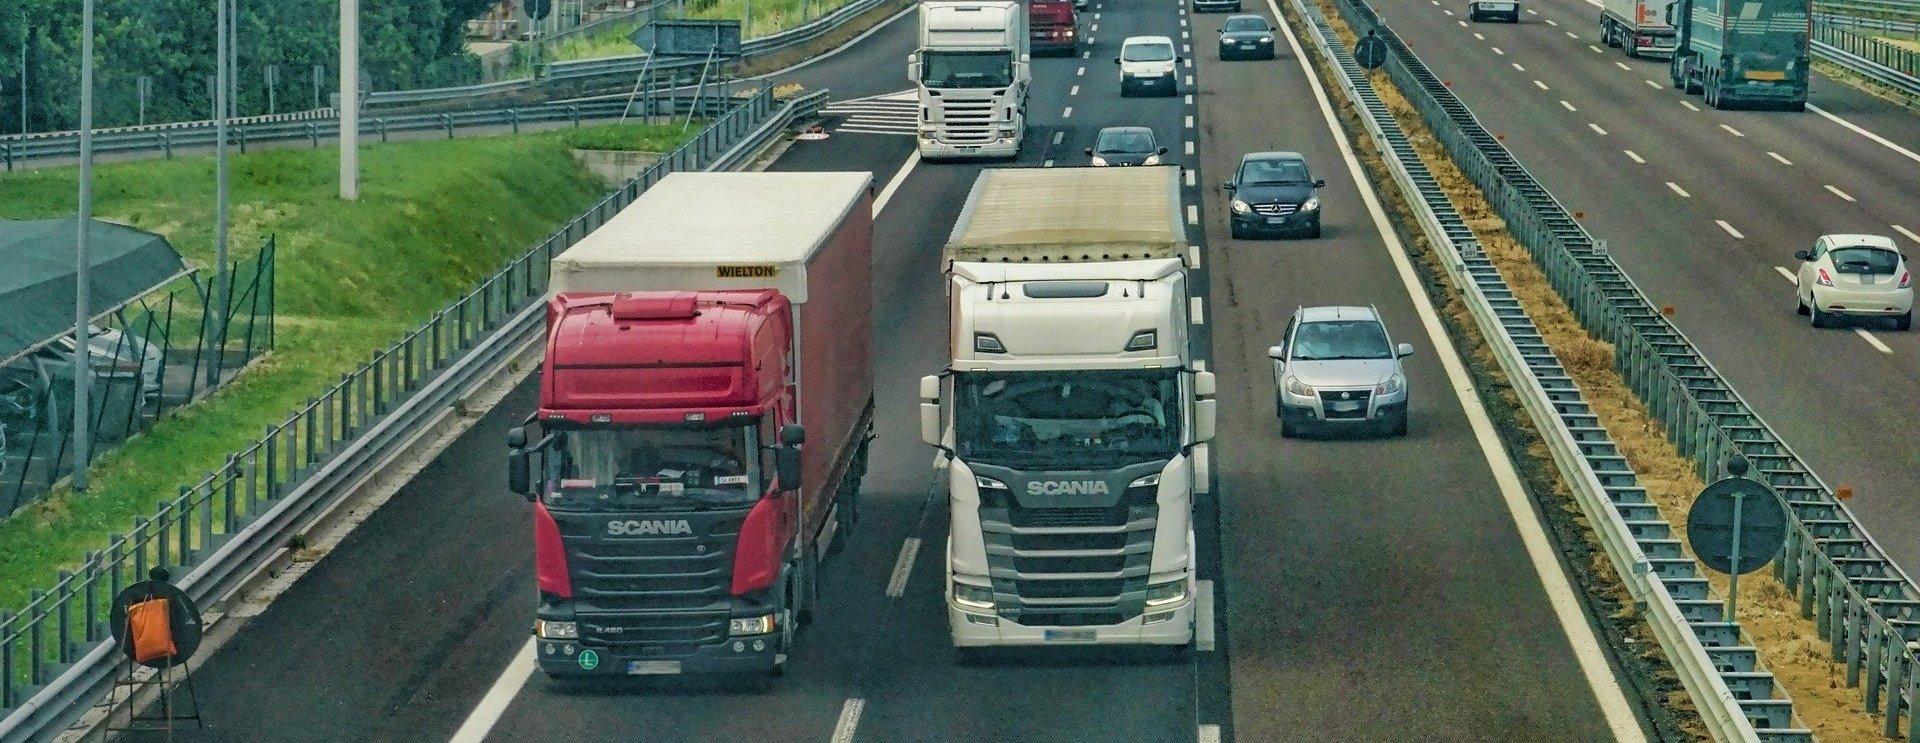 Проблема доставка грузов в удаленные и труднодоступные населенные пункты будет решена при помощи технологий «Аэромакс»